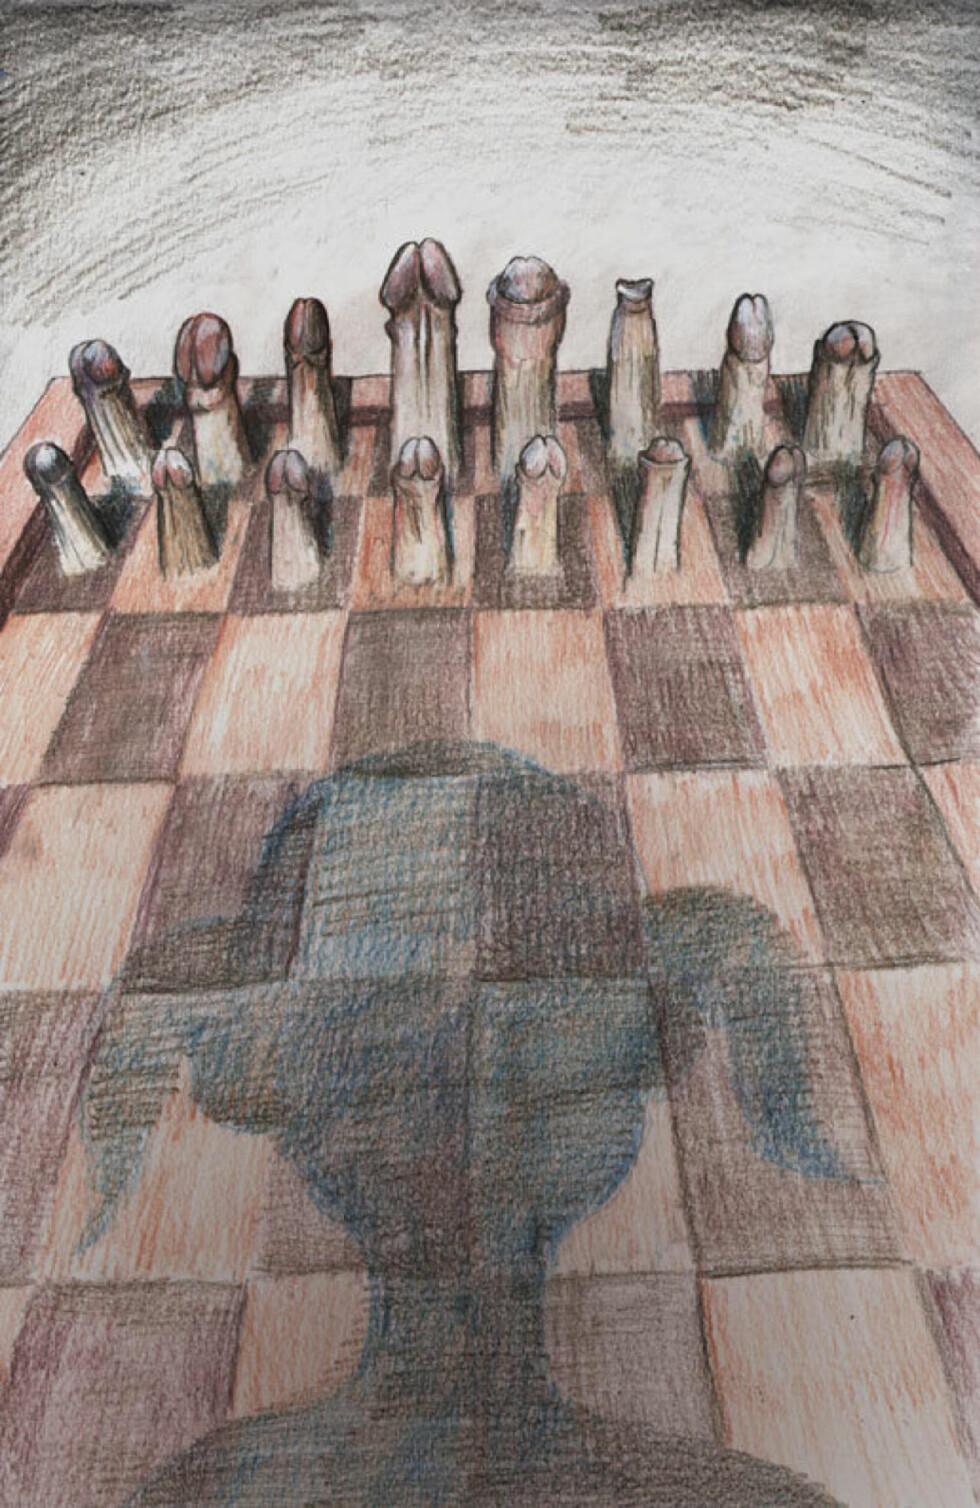 MANNSDOMENET SJAKK: Følelsen av å spille på bortebane, mot en etablert overmakt, i strid med en tung tradisjon, gjør i seg selv at kvinner prestererer dårligere. Og følelsen må være enda sterkere i mannsdomenet sjakk. Du blir veldig synlig som eneste jente i en gymsal med 100 sjakkgutter. Som i hvert fall ikke vil tape for en jente. Illustrasjon: Flu Hartberg